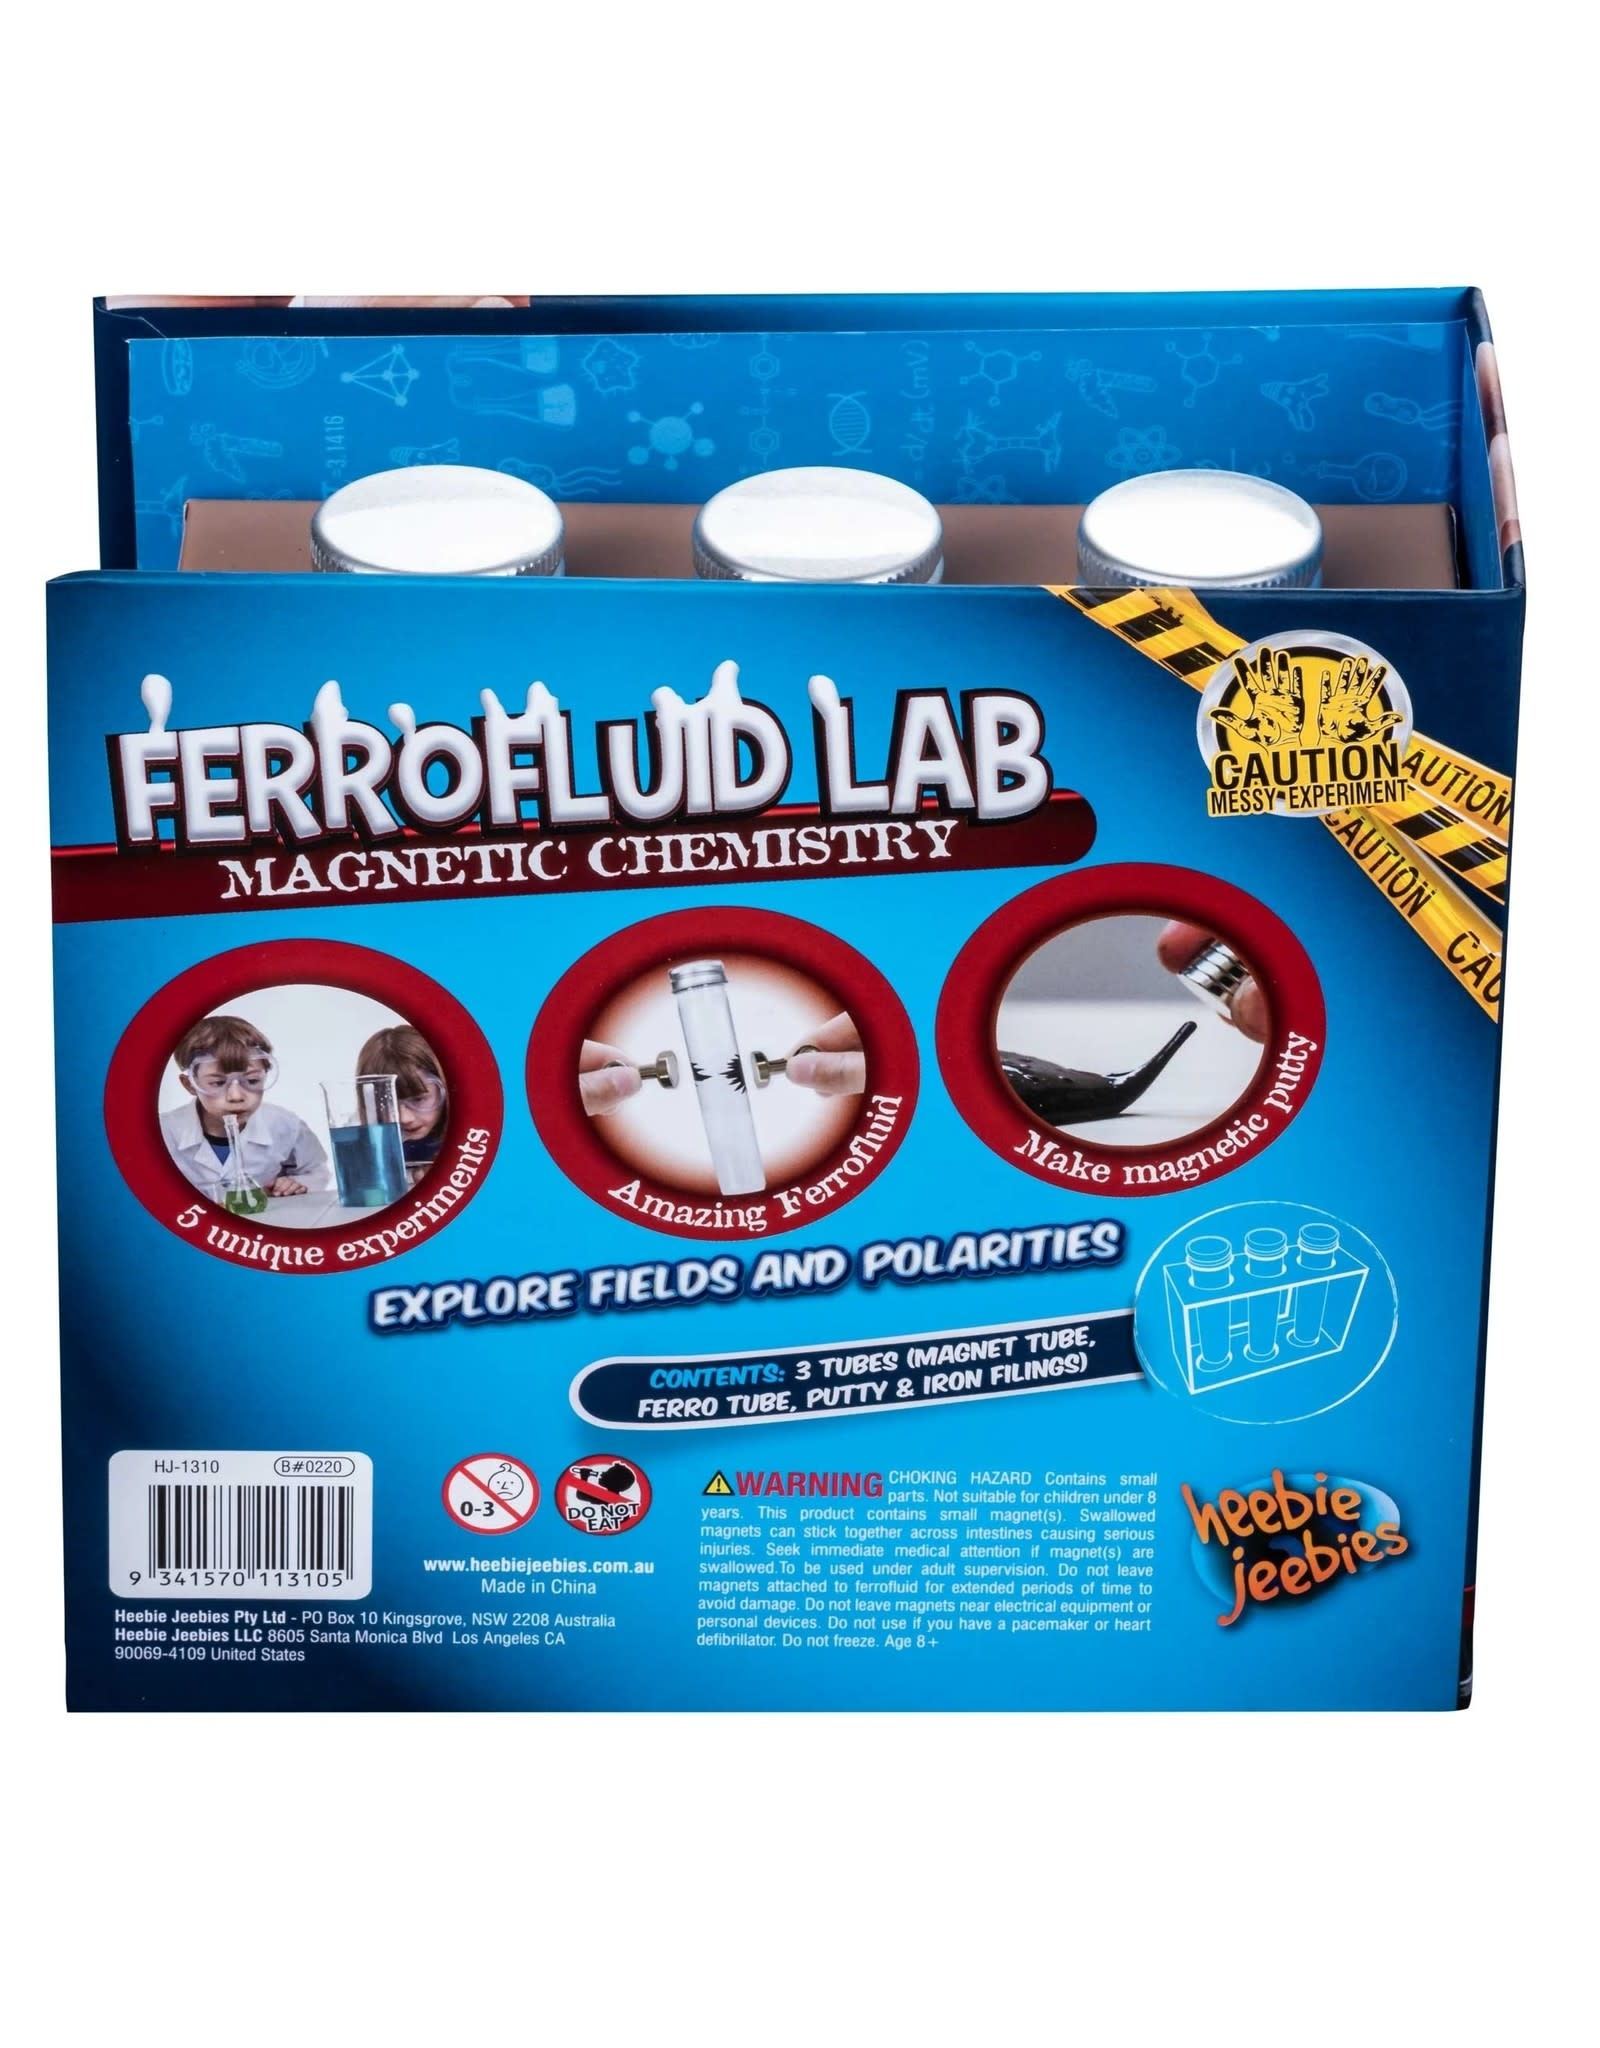 Ferrofluid Lab by Heebie Jeebies